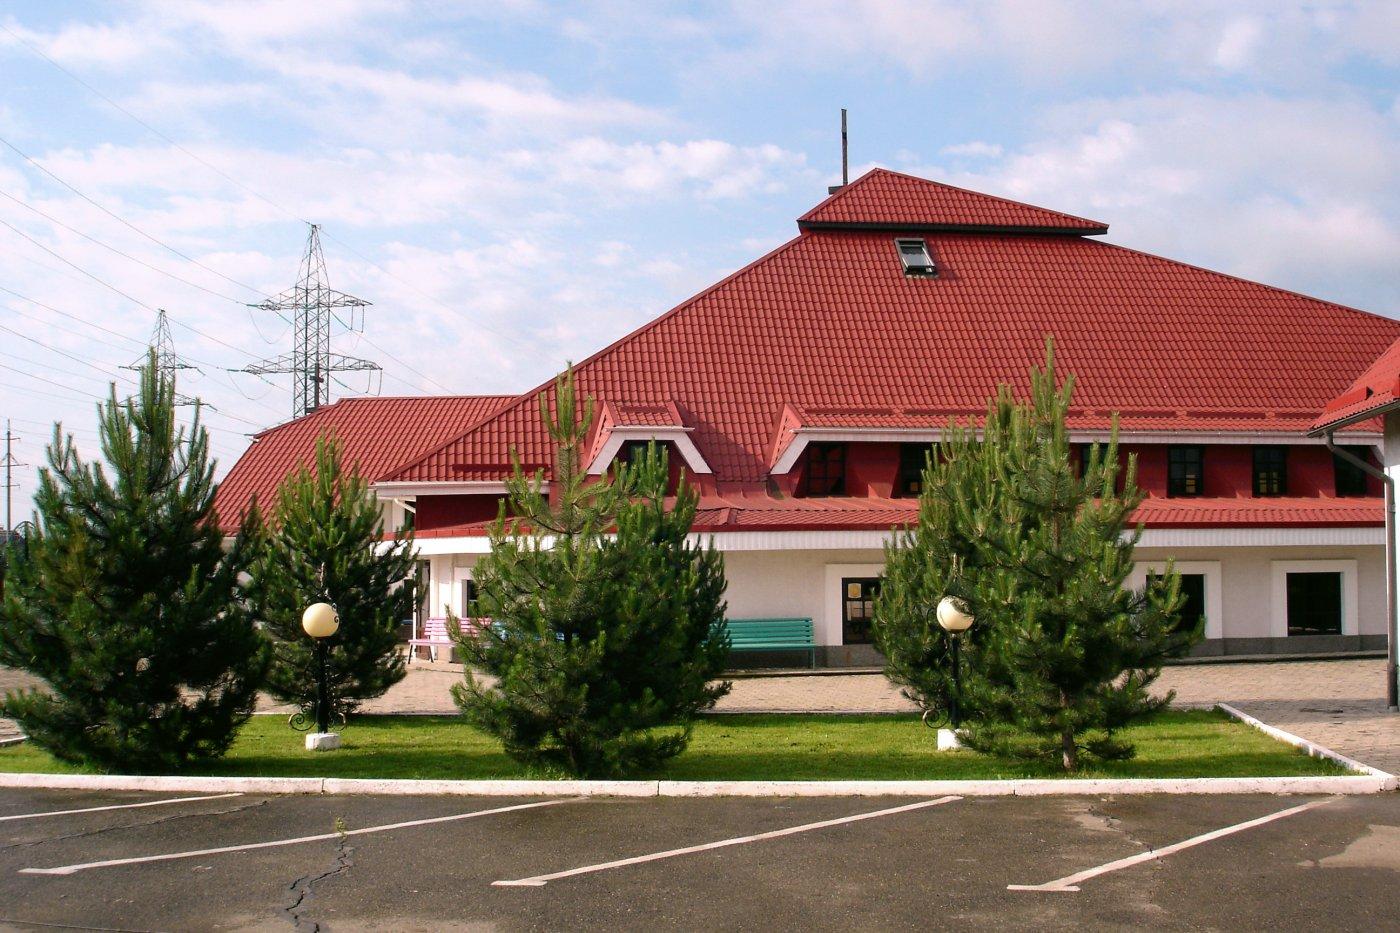 Фото DSC07602.jpg. Россия, Адыгея республика, город Майкоп, улица Павлова, 32